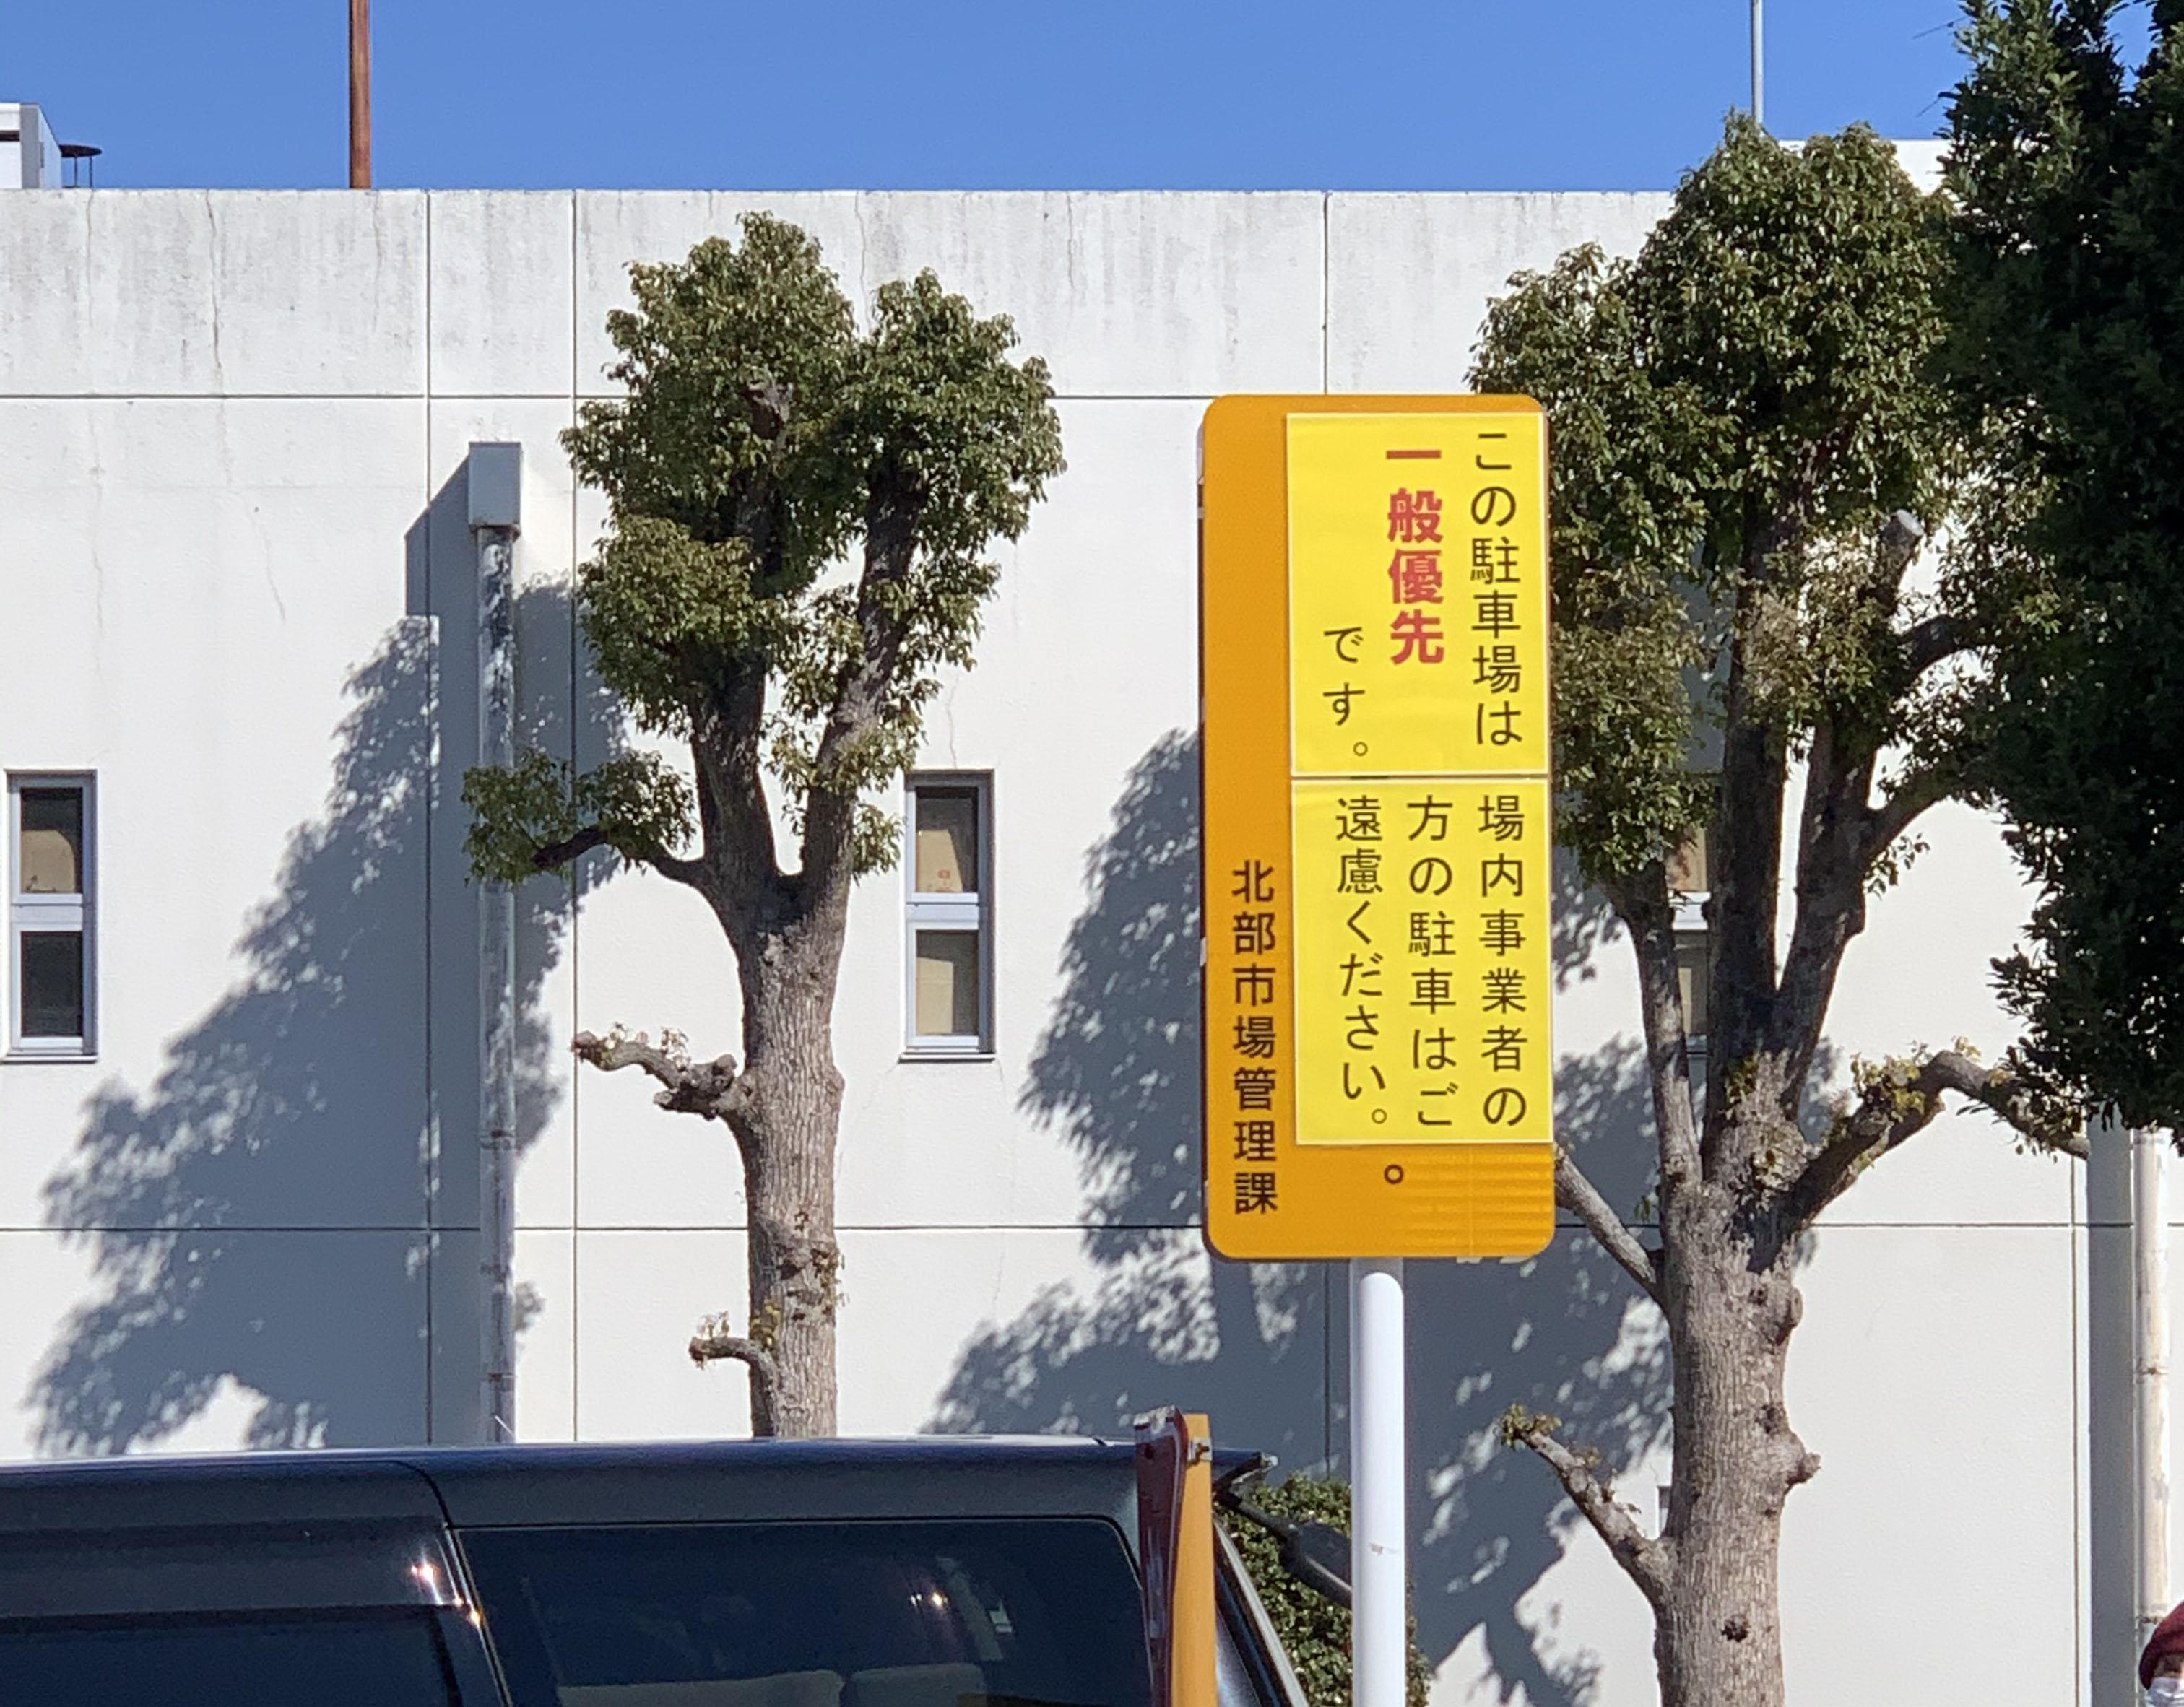 川崎市中央卸売北部市場情報まとめ【アクセス・利用時間・休日・駐車場・通行証などなど】